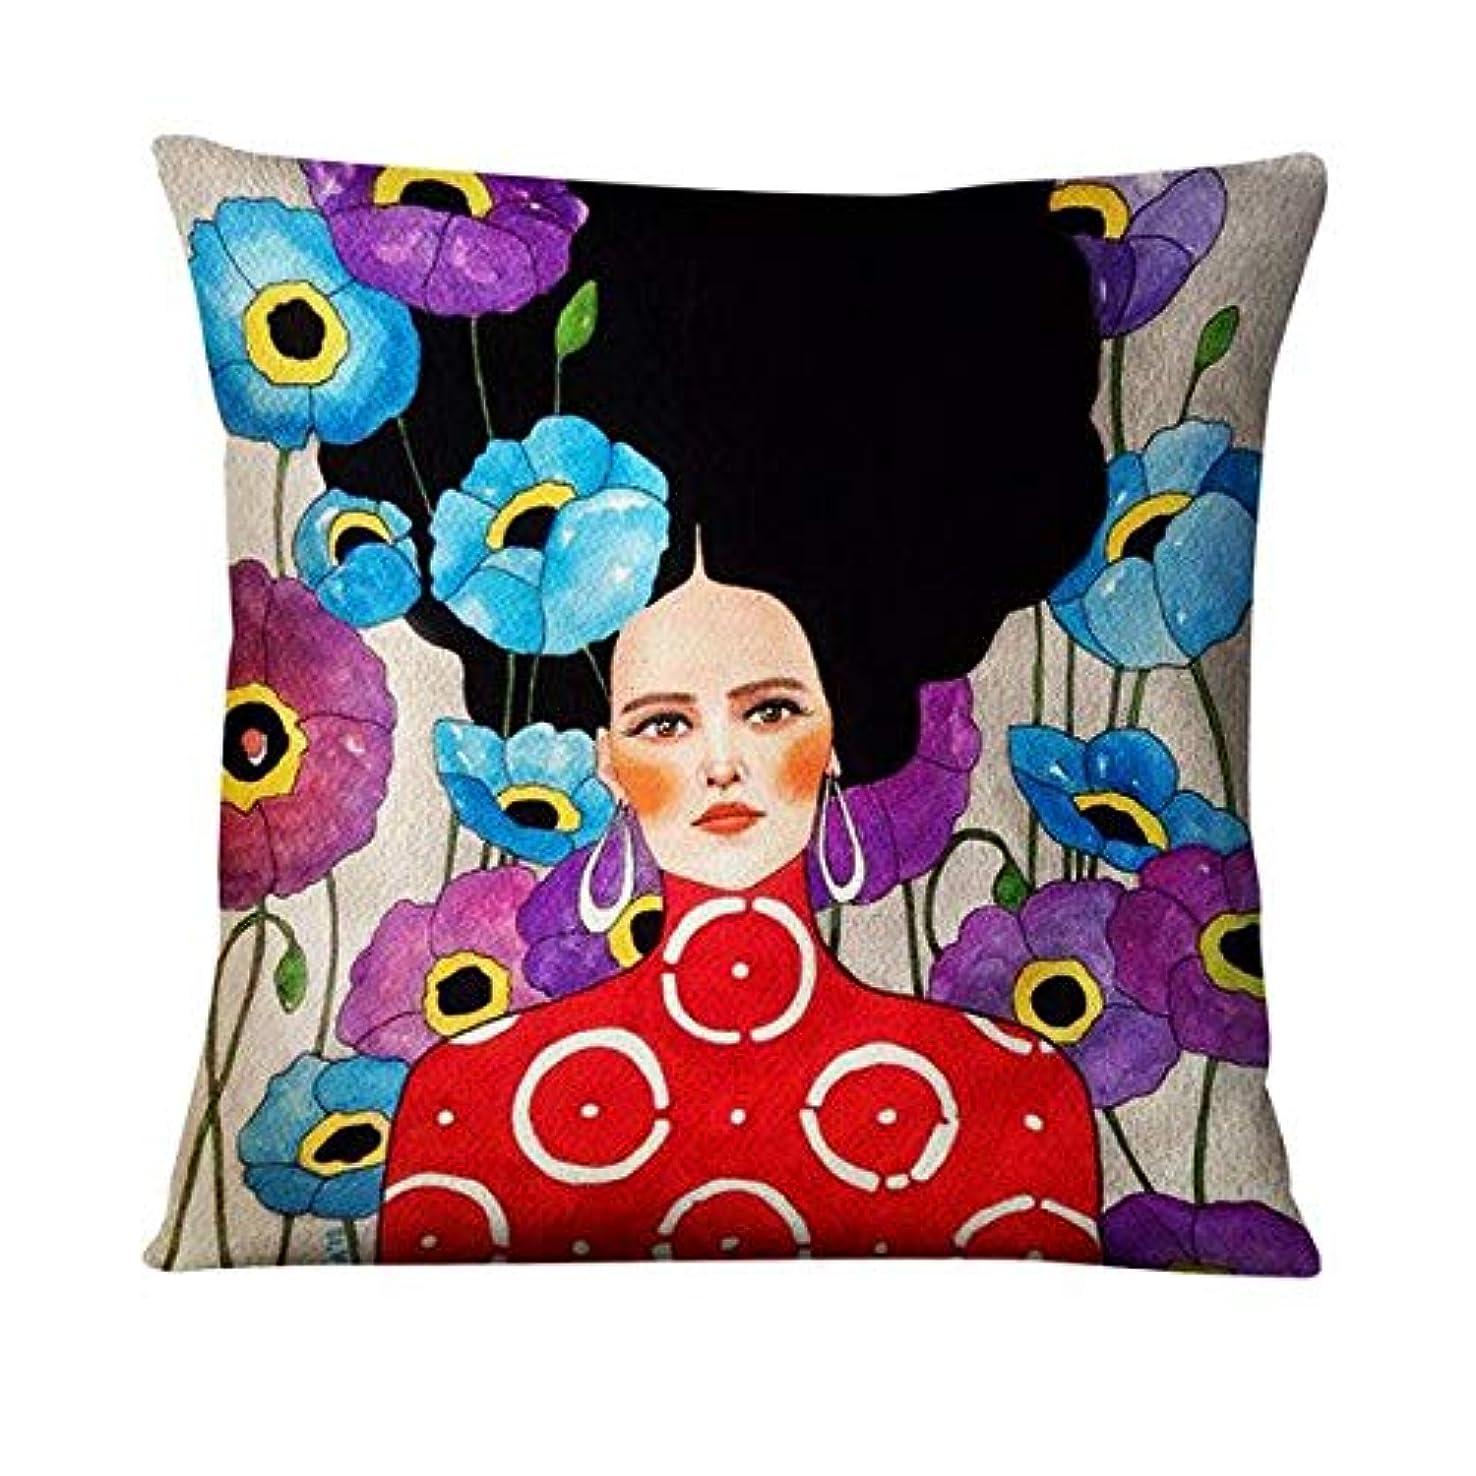 モロニック形容詞資格情報LIFE 英国アート薄型リネン枕エレガントな女性画クッション装飾枕家の装飾ソファスロー枕 45*45 Almofadas クッション 椅子